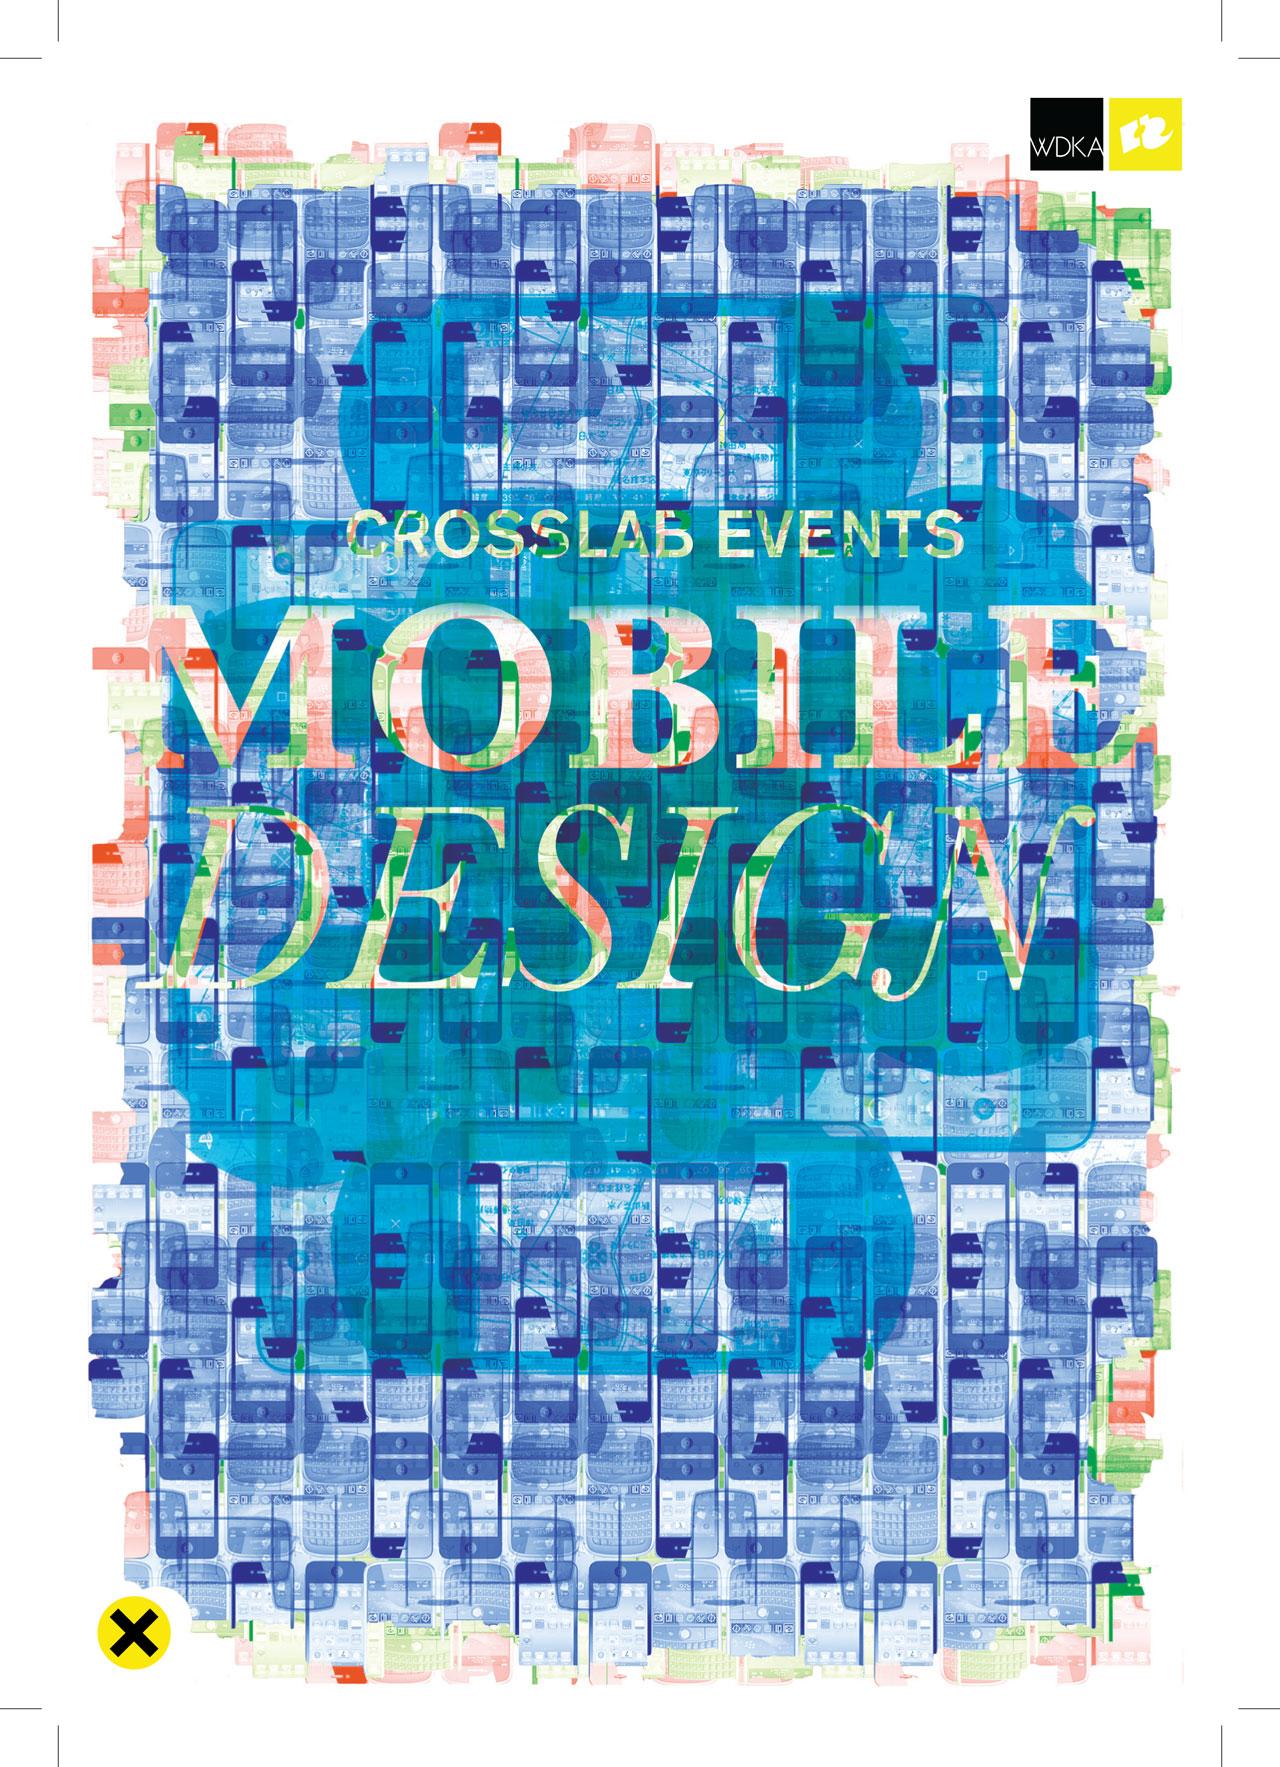 0bb4d097acb CrossLab, platform voor digitale media van de Willem de Kooning Academie  Hogeschool Rotterdam, organiseert vanaf november 2010 een serie events over  ...